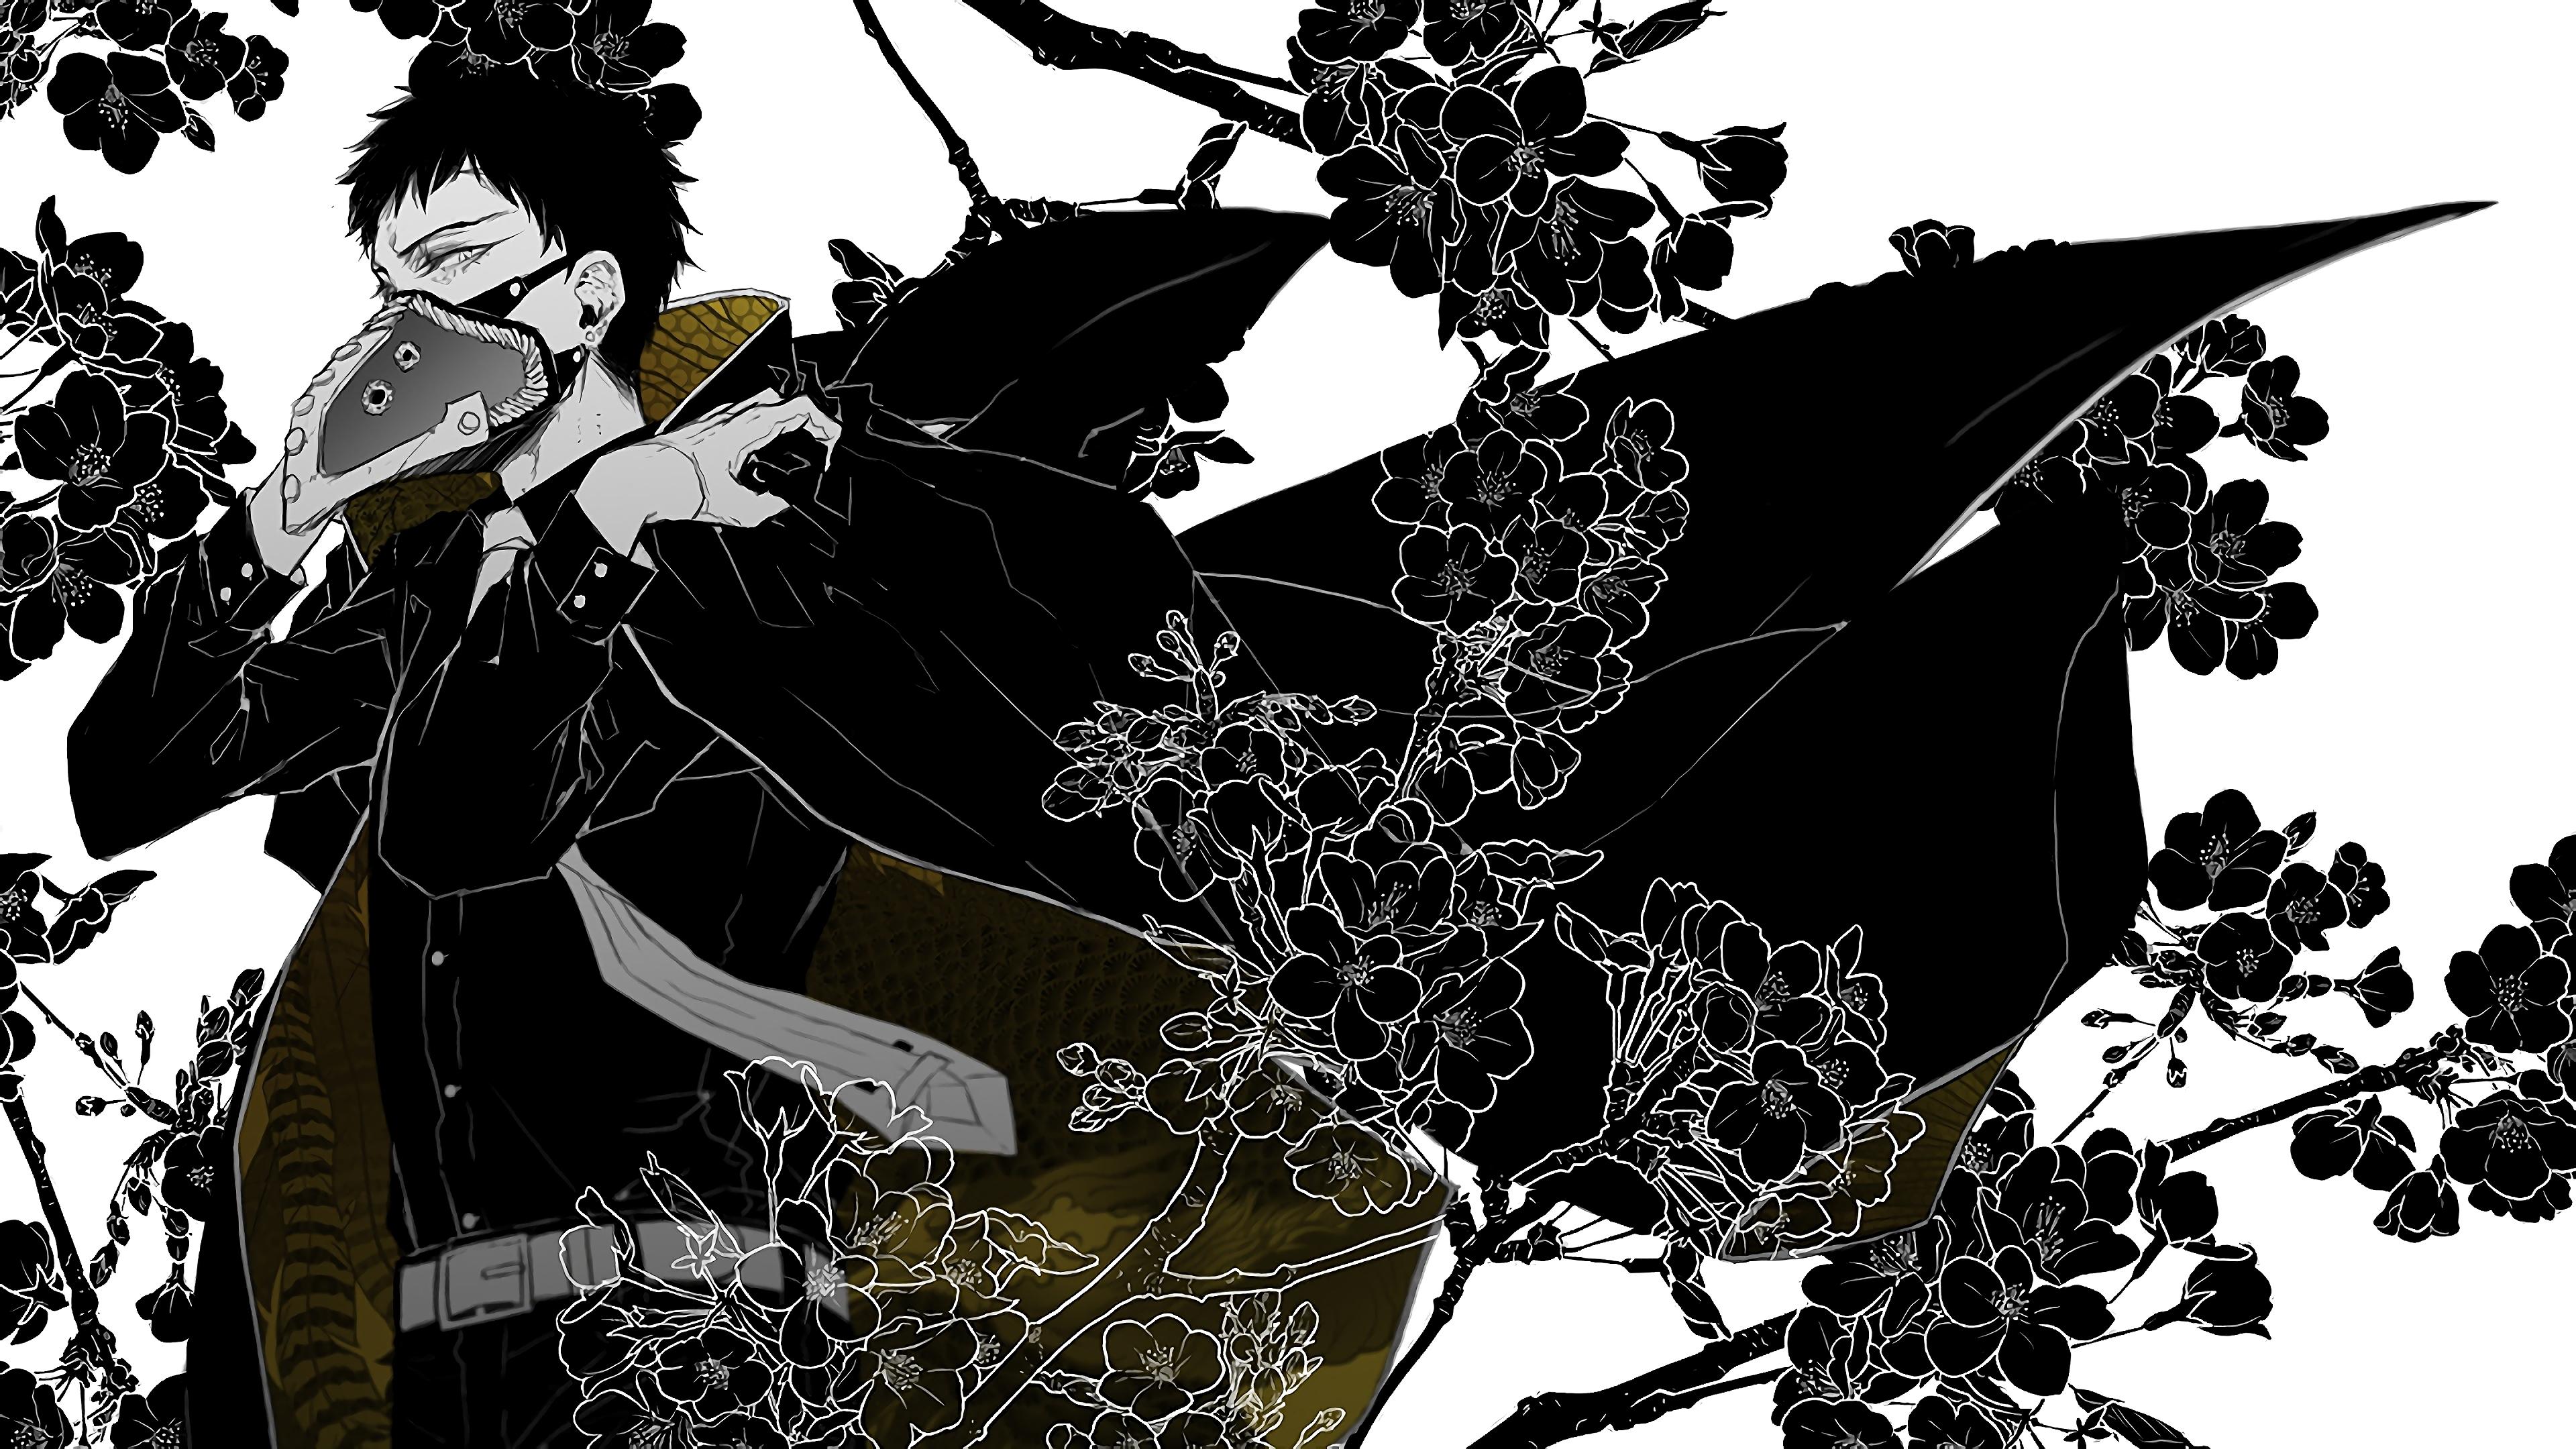 List of pinterest overhaul wallpaper images and overhaul. Overhaul (Kai Chisaki) 4K 8K HD My Hero Academia (Boku no ...